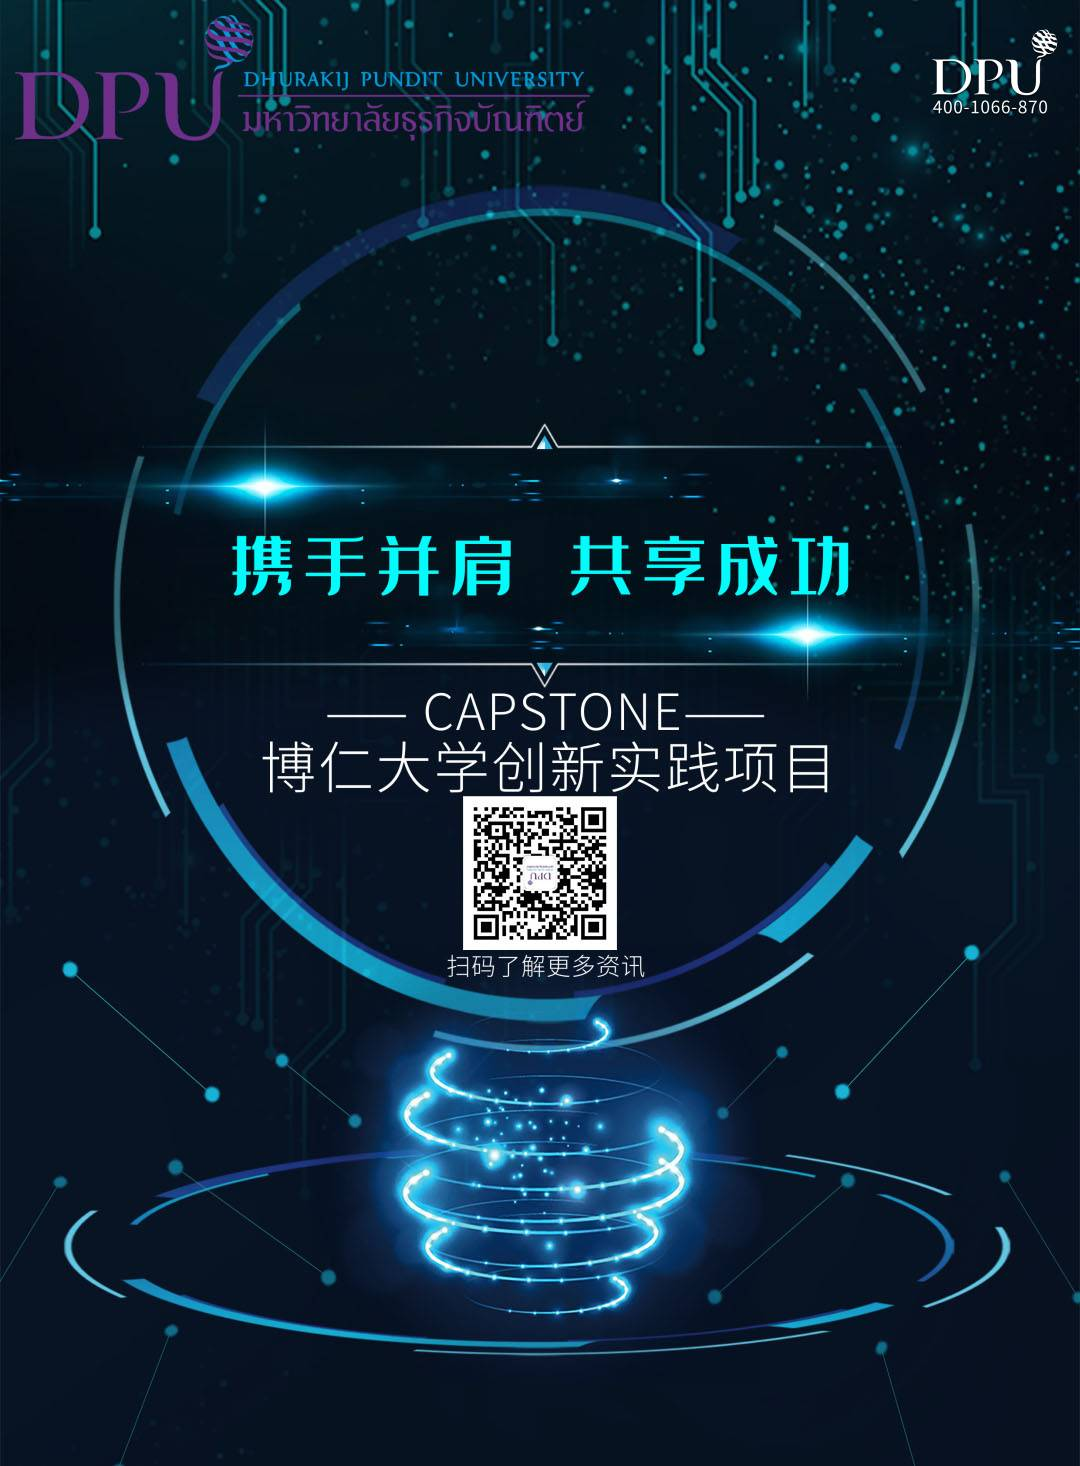 博仁大学CAPSTONE创新实践项目